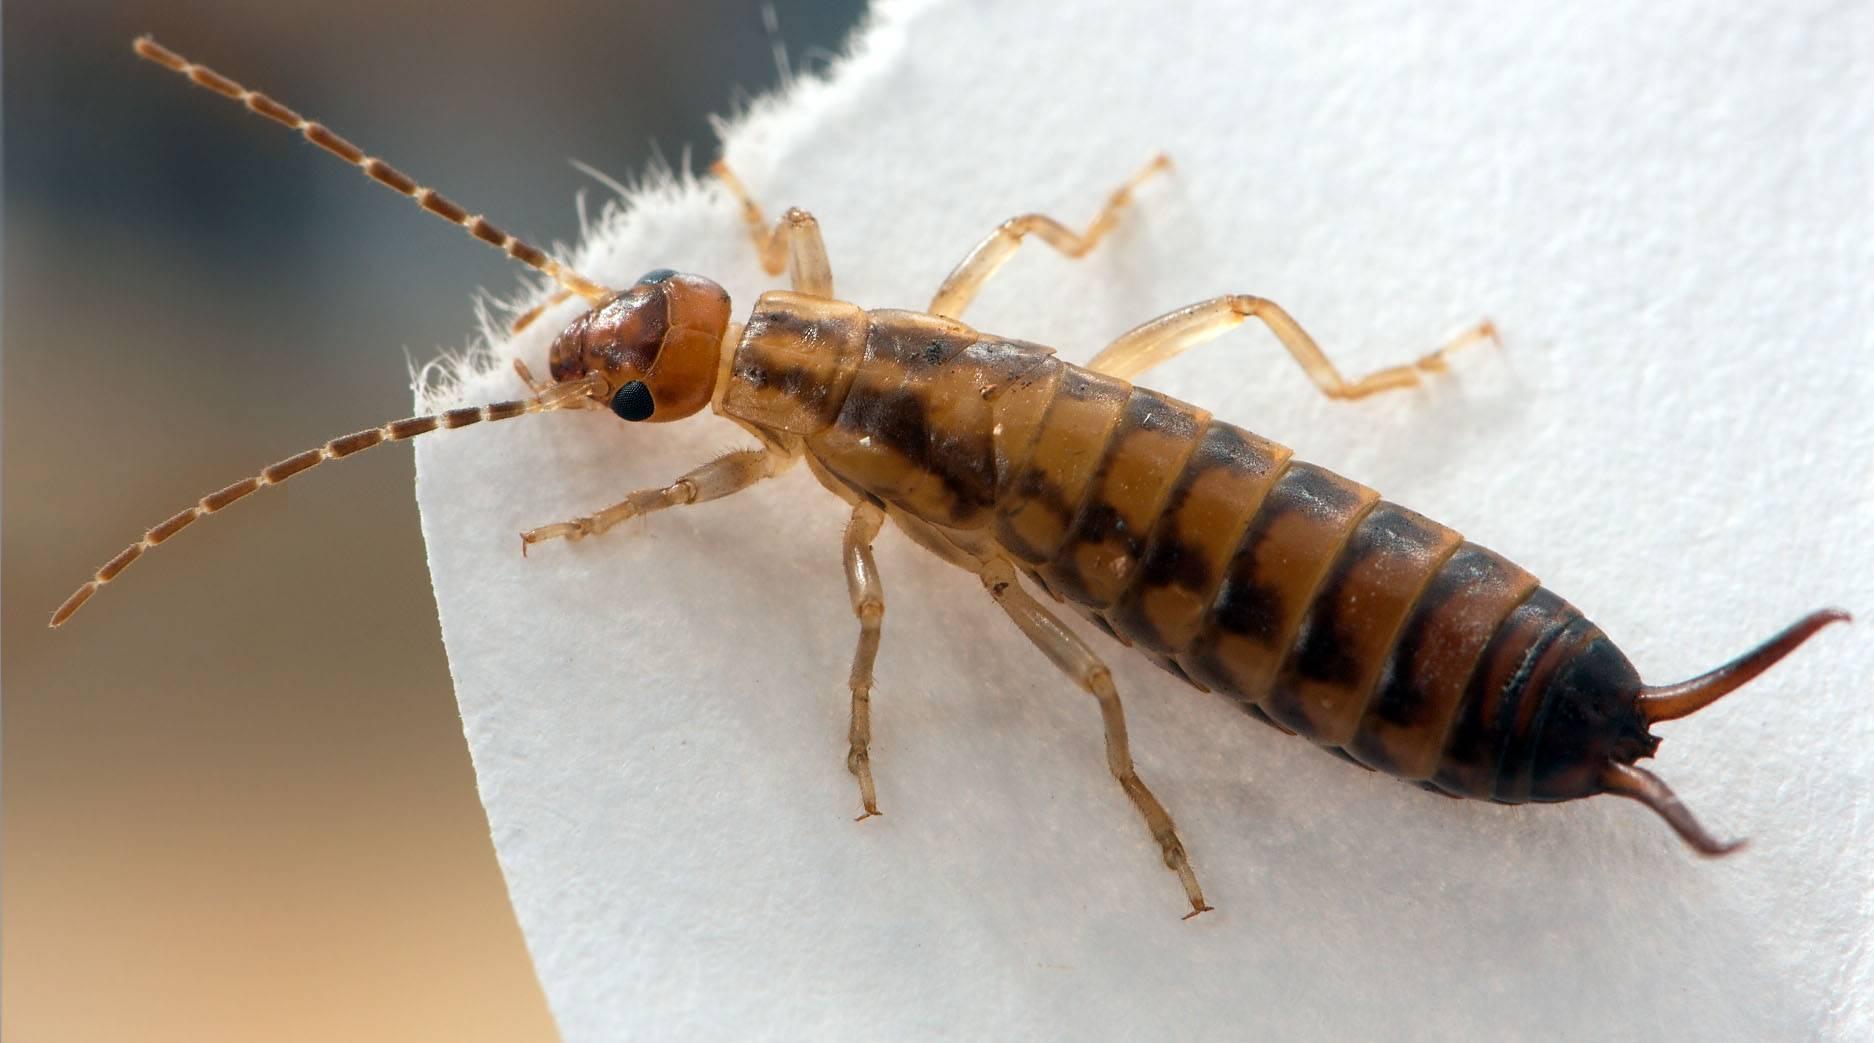 Двухвостки - фото и описание насекомого, опасны ли для человека